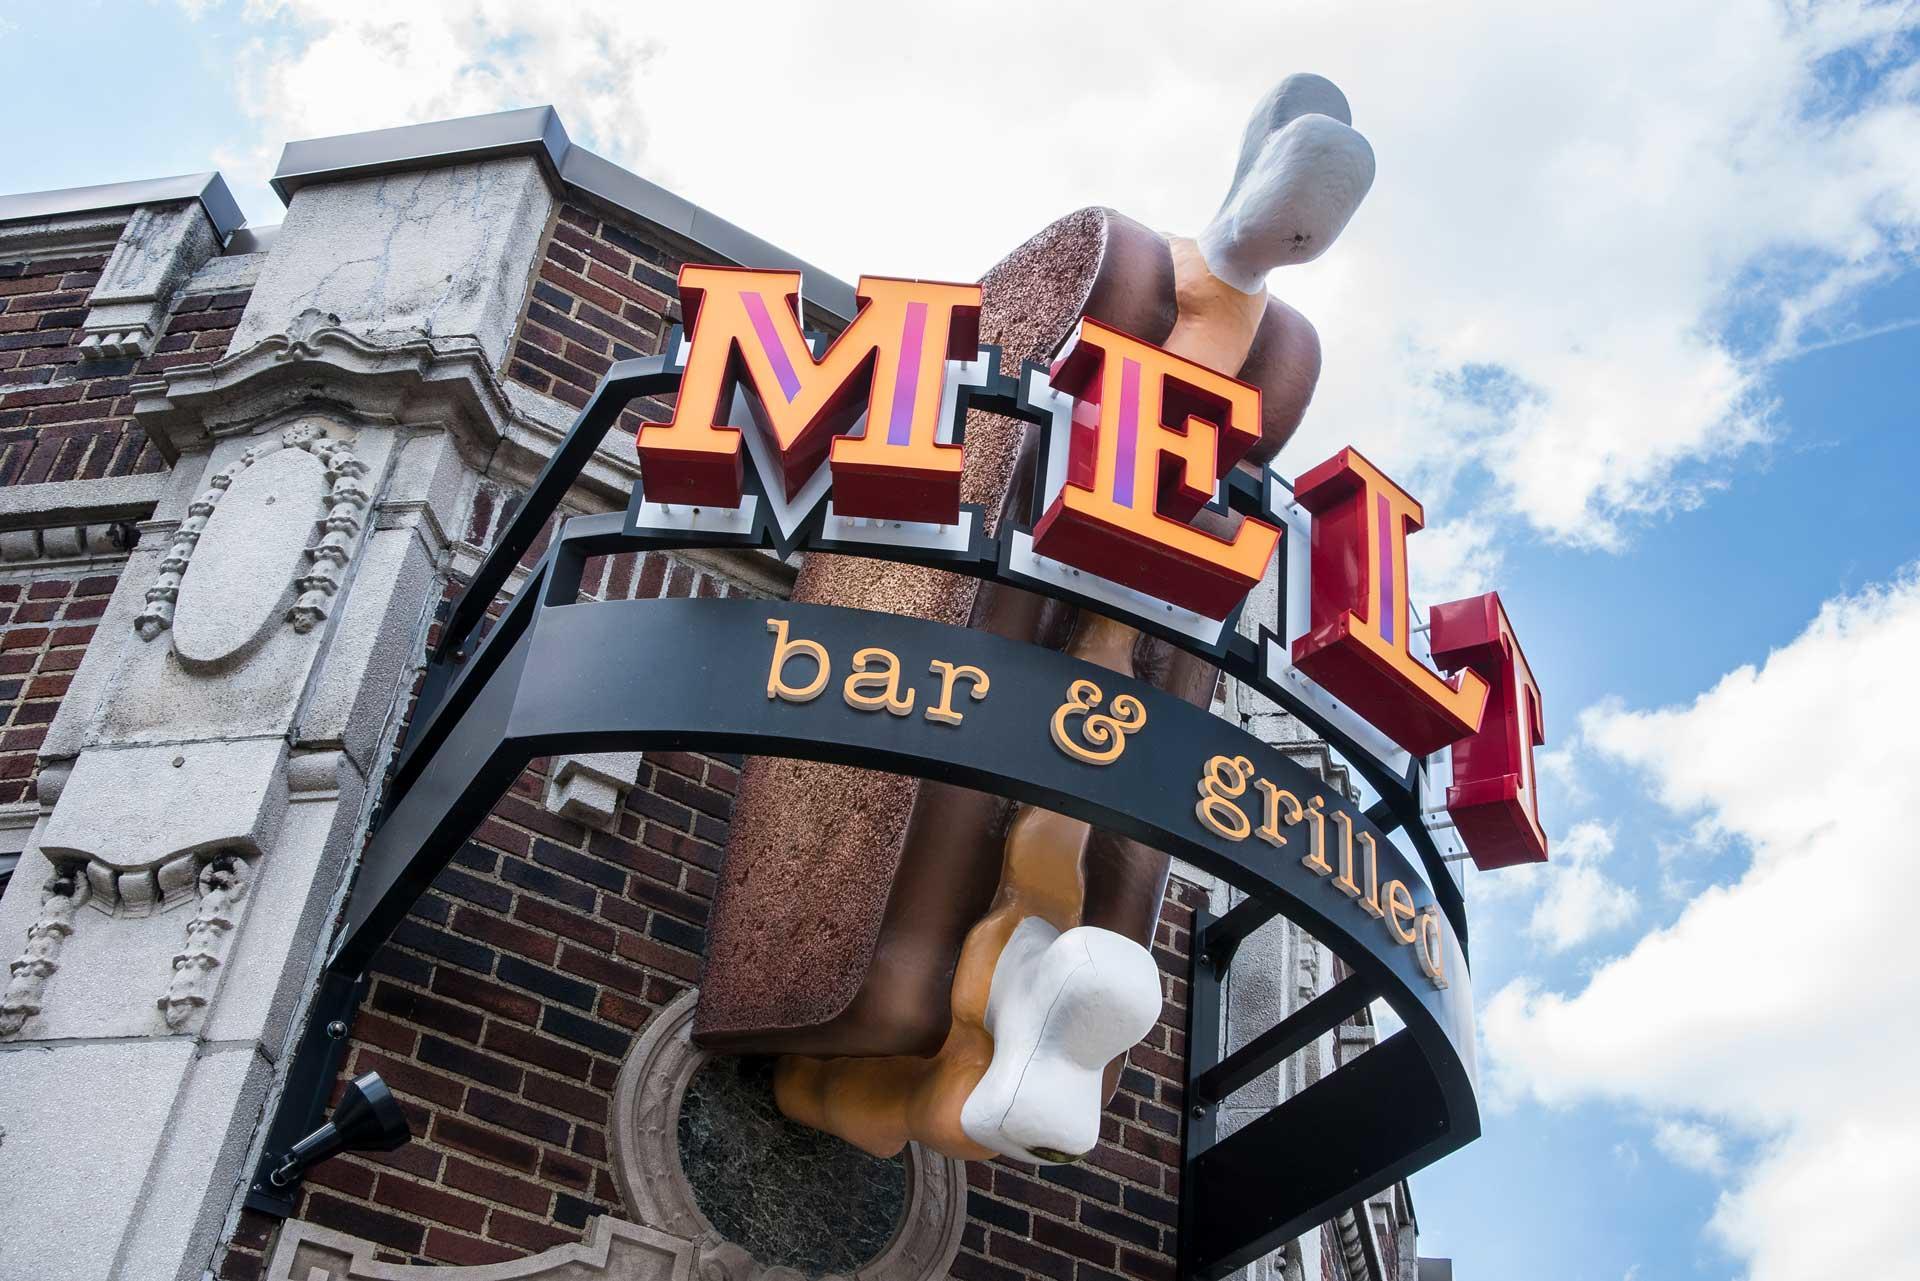 Twist Social Club Tavern Nightclub Matchbook Cover Cleveland Ohio Gay Bar